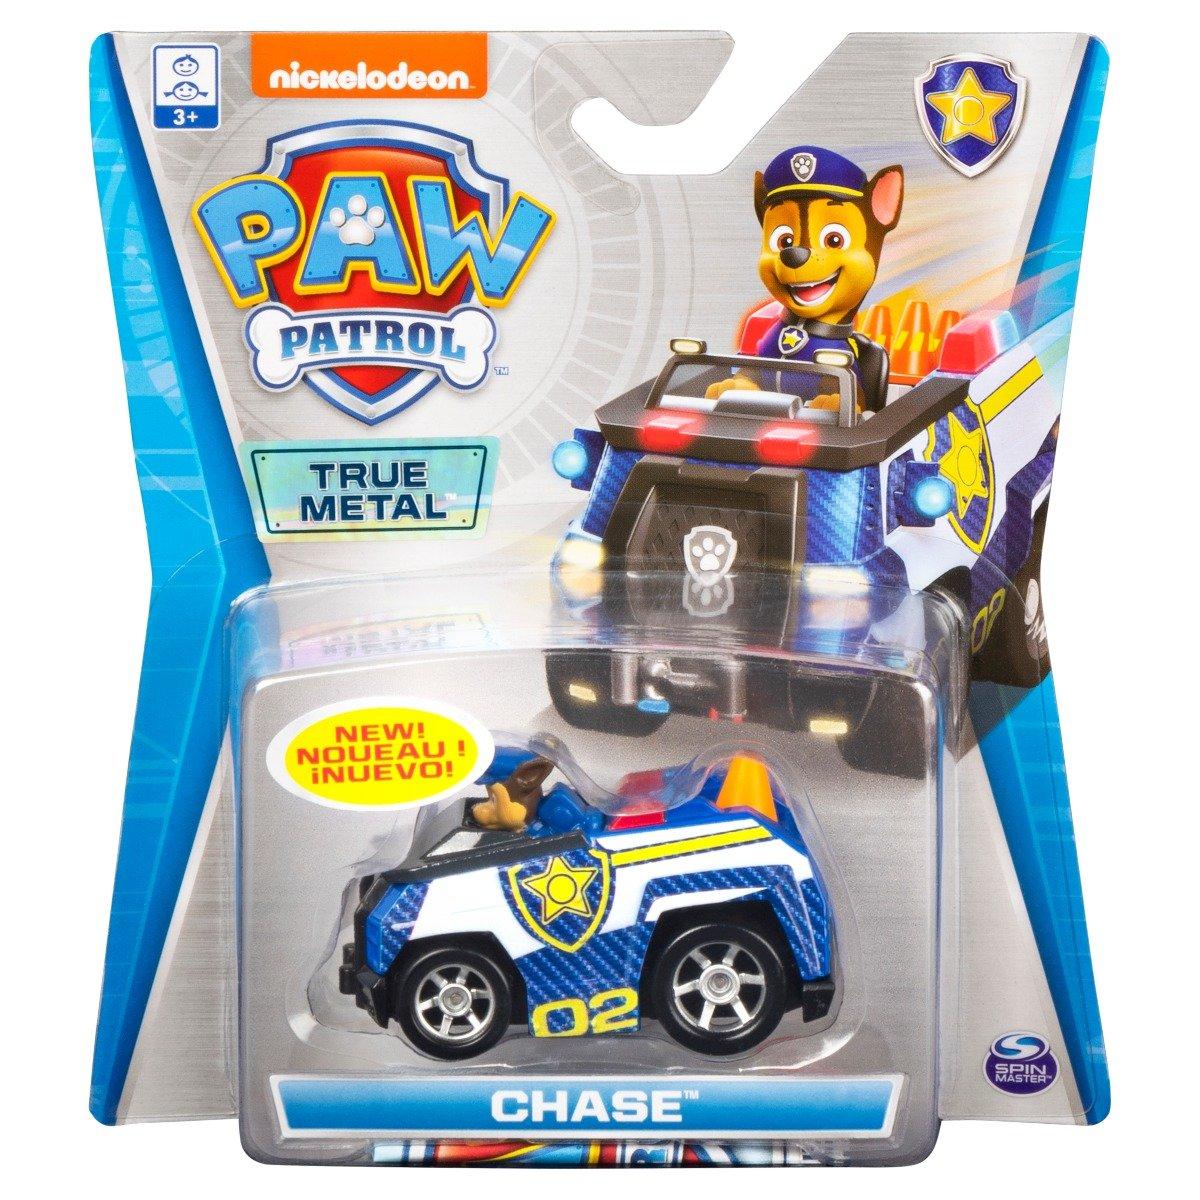 Masinuta cu figurina Paw Patrol True Metal, Chase 20121333